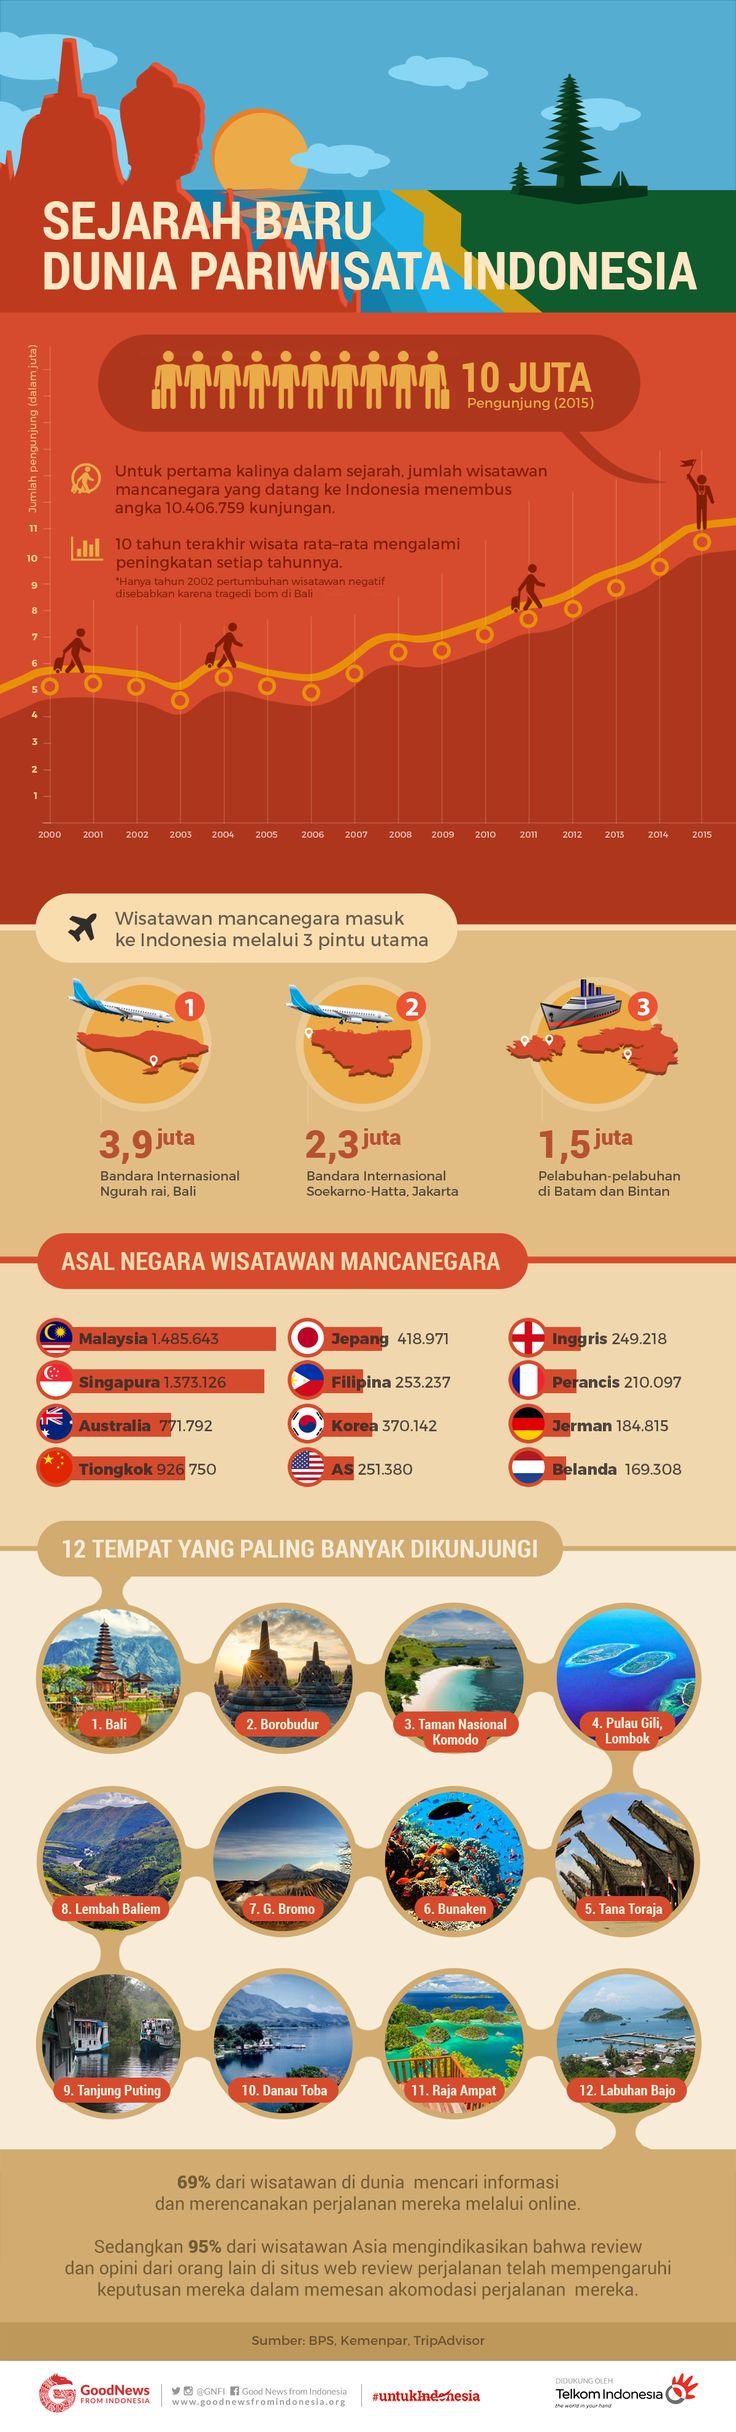 Sejarah Baru Dunia Pariwisata Indonesia